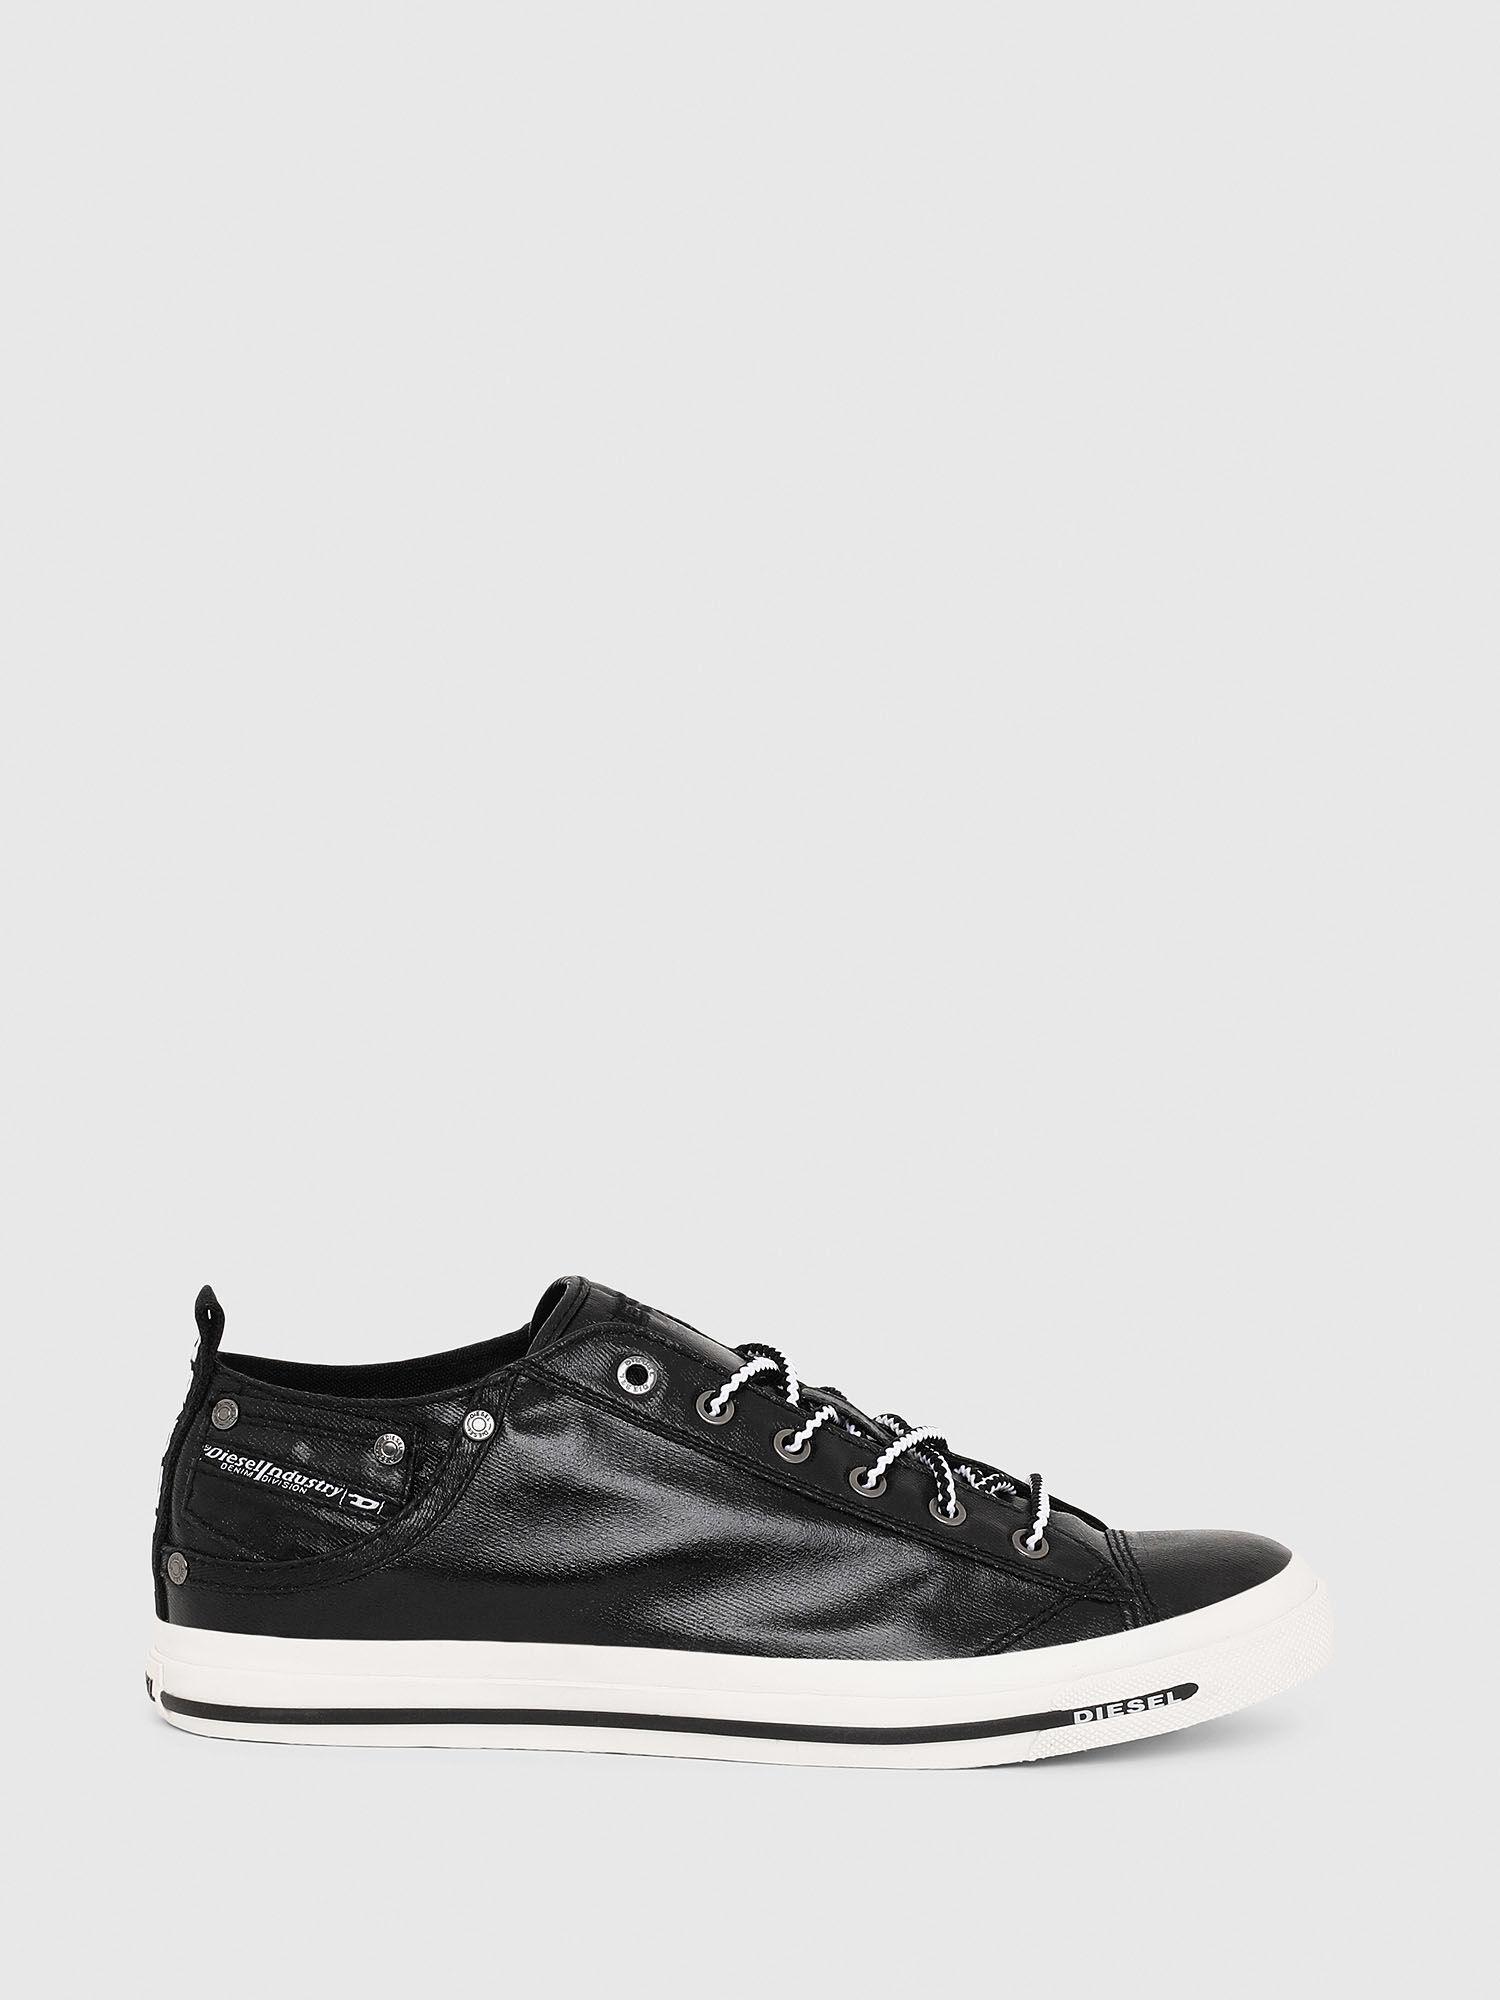 Low top sneakers in coated denim | Diesel